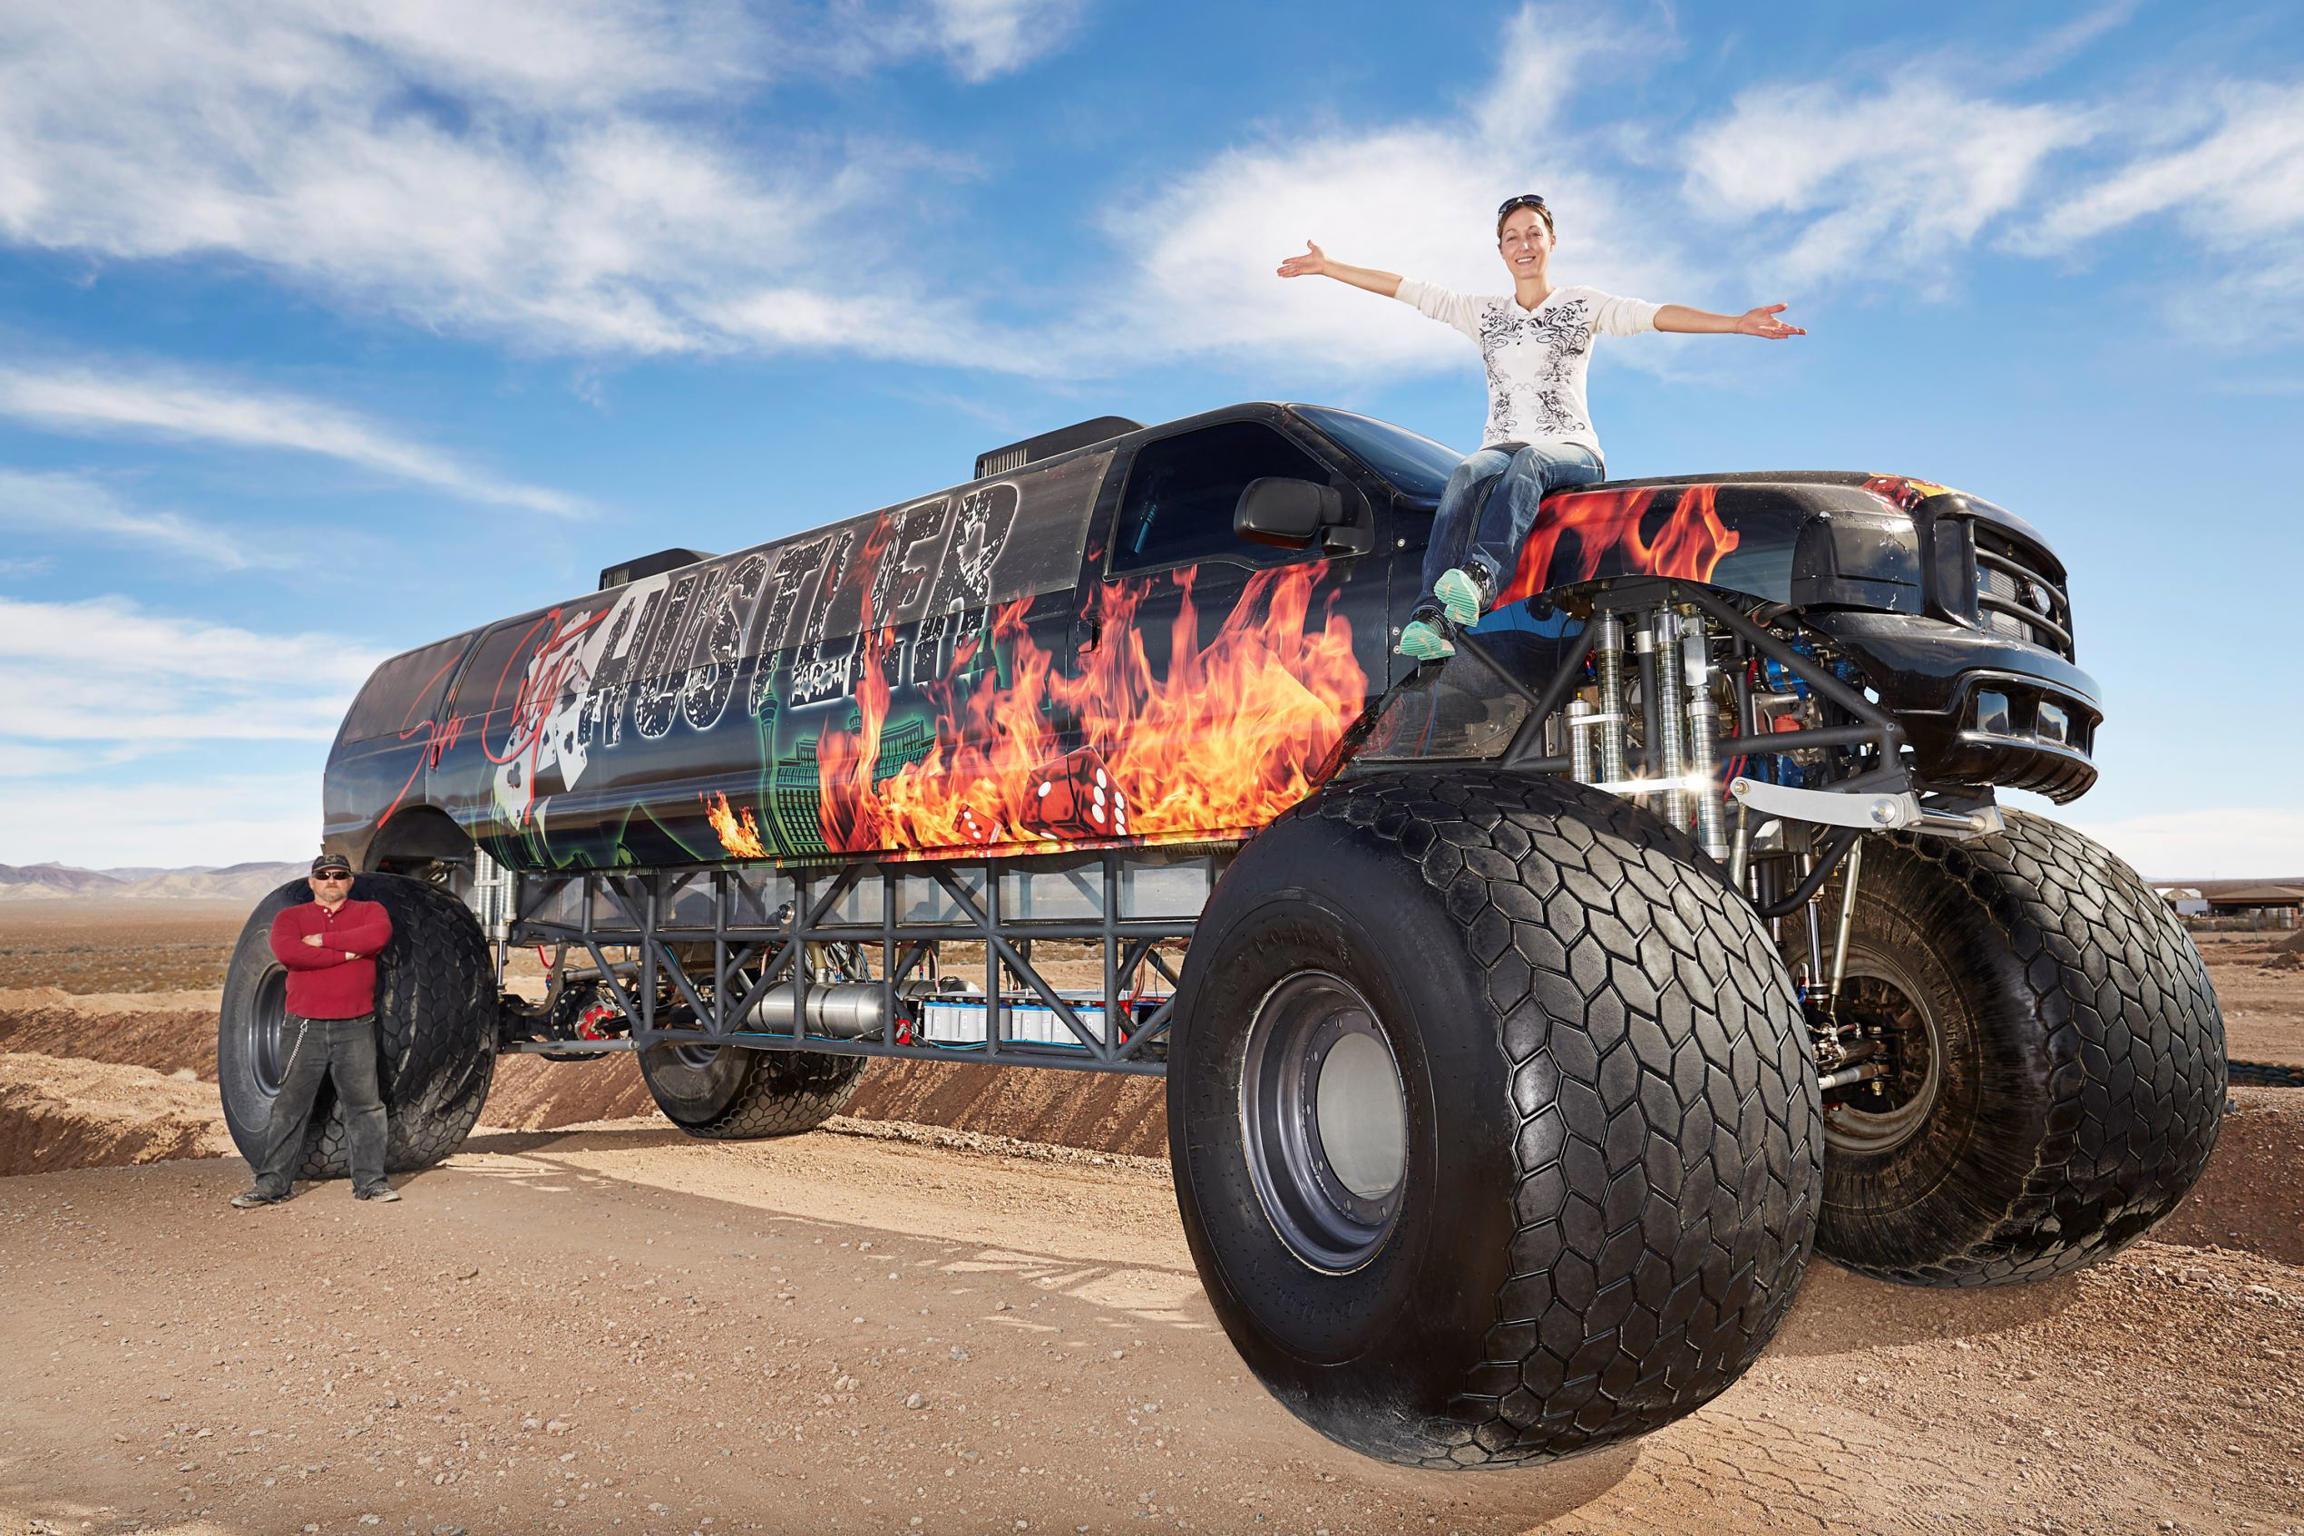 Longest Monster Truck